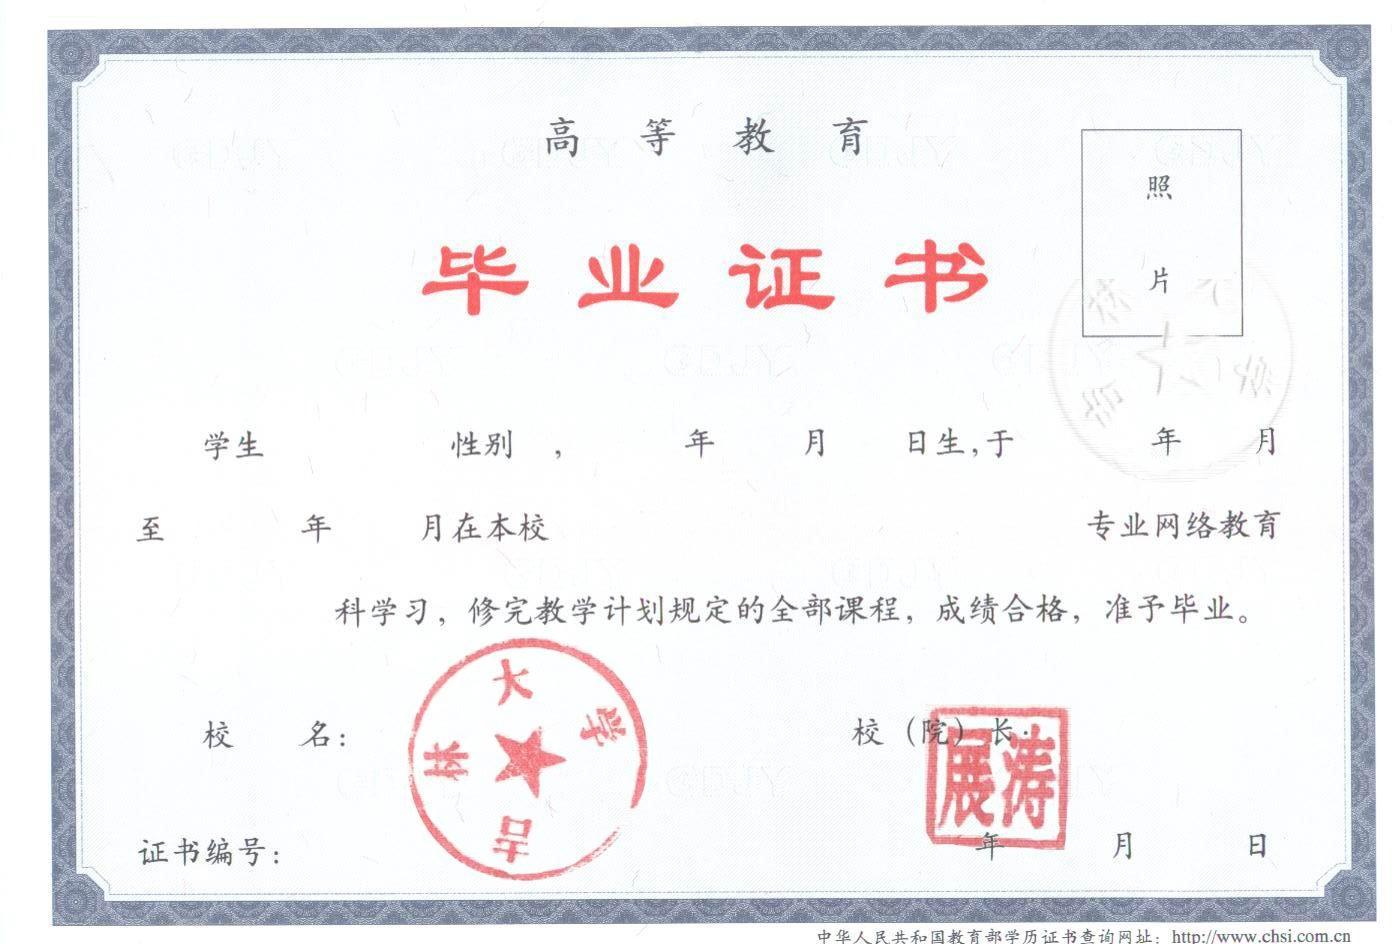 国家承认学历的吉林大学专科毕业证书(网络教育)